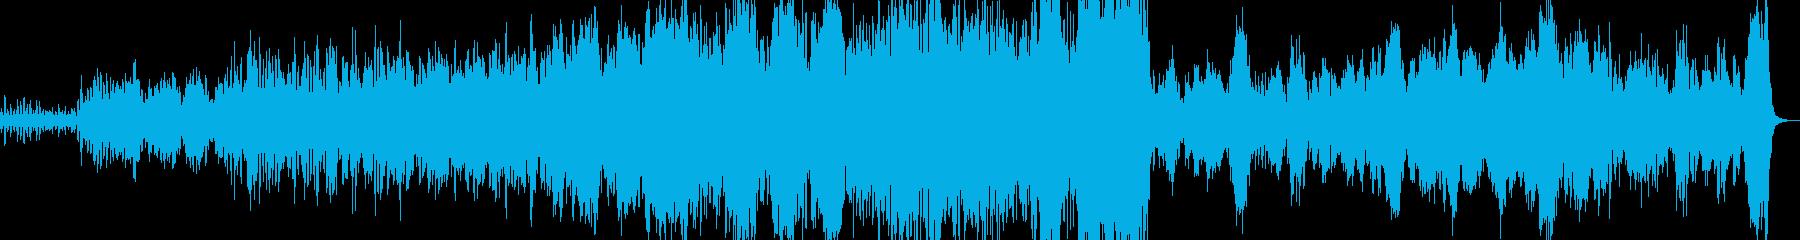 ワルツ 弦楽器主体のオーケストラの再生済みの波形